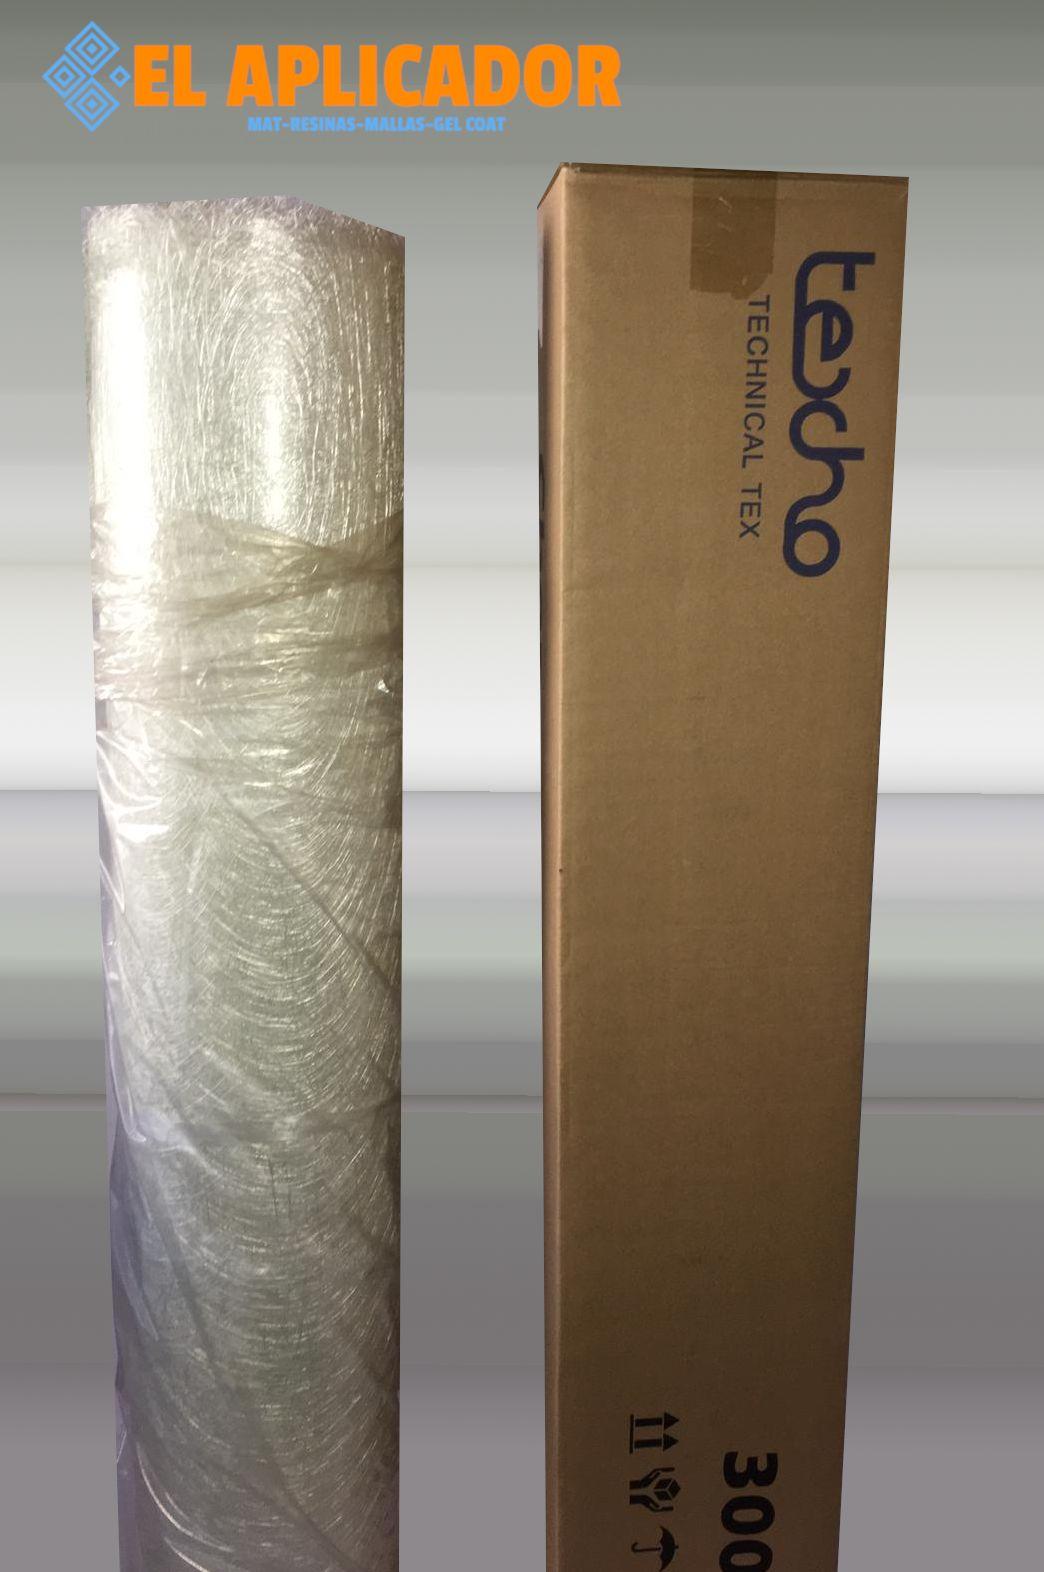 ☞ Mat de  Fibra de Vidrio 300gr m2 . Rollo de 147 m2